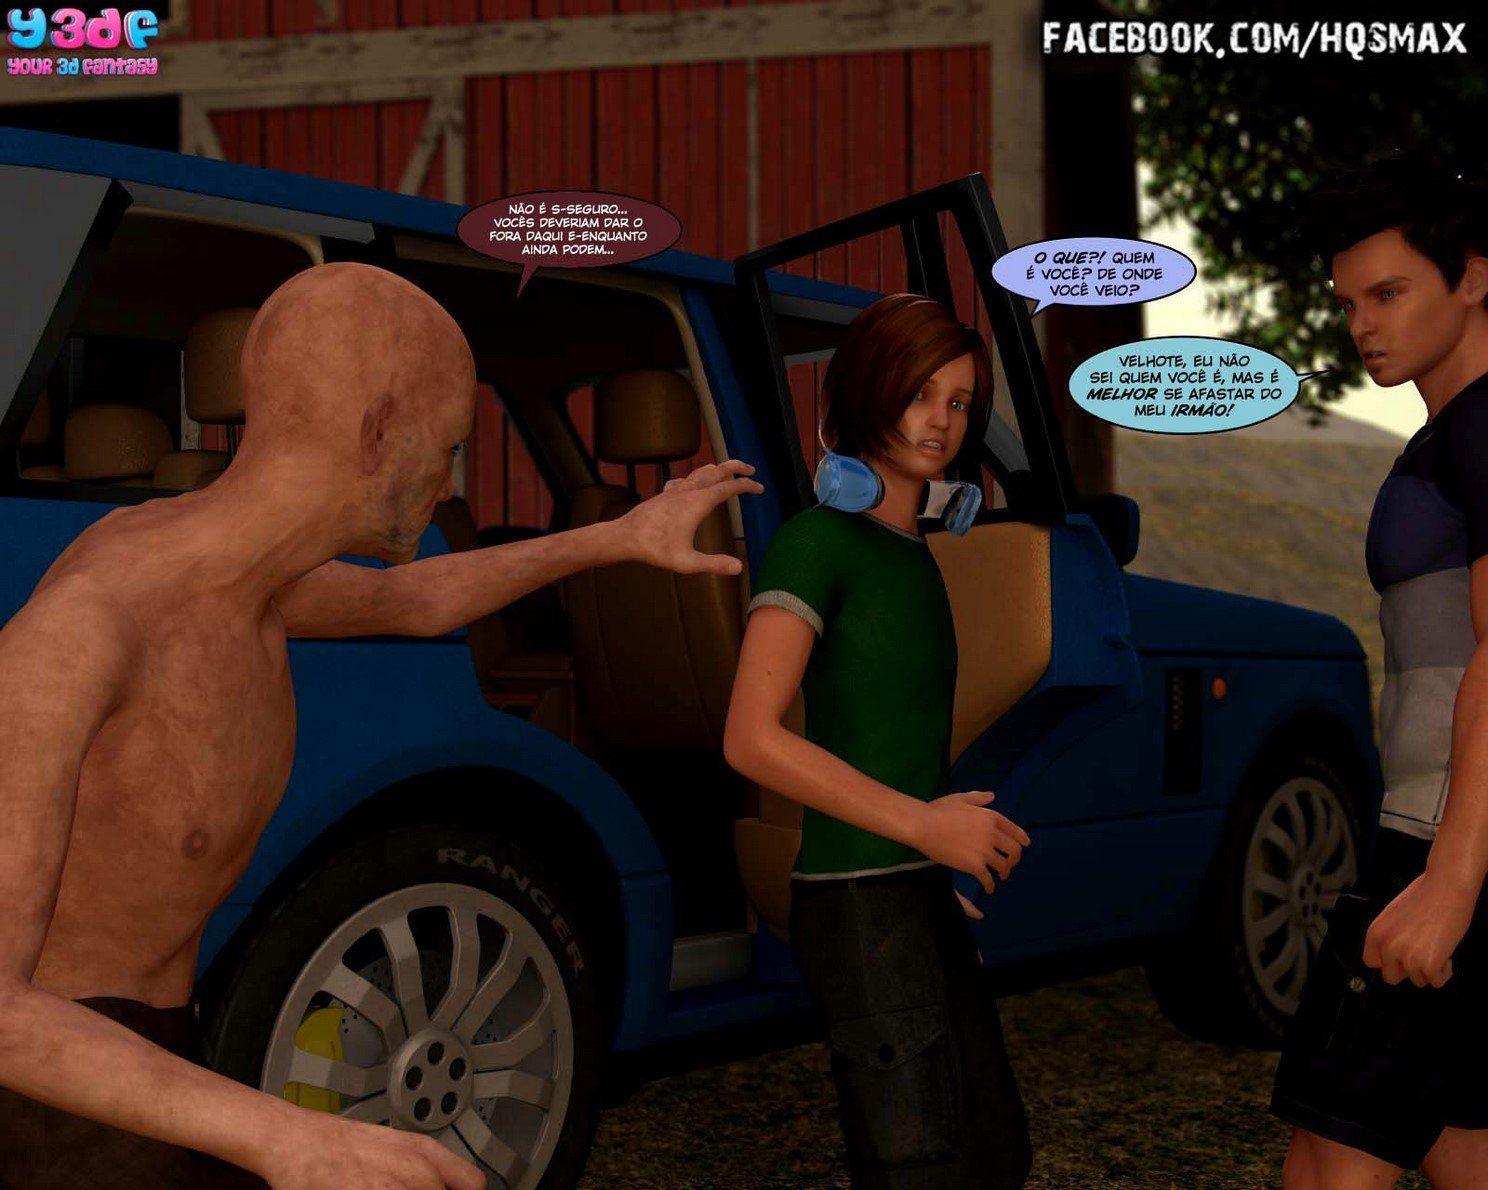 Strangers in a StrangeLand - Sacanagens com a namorada gostosa